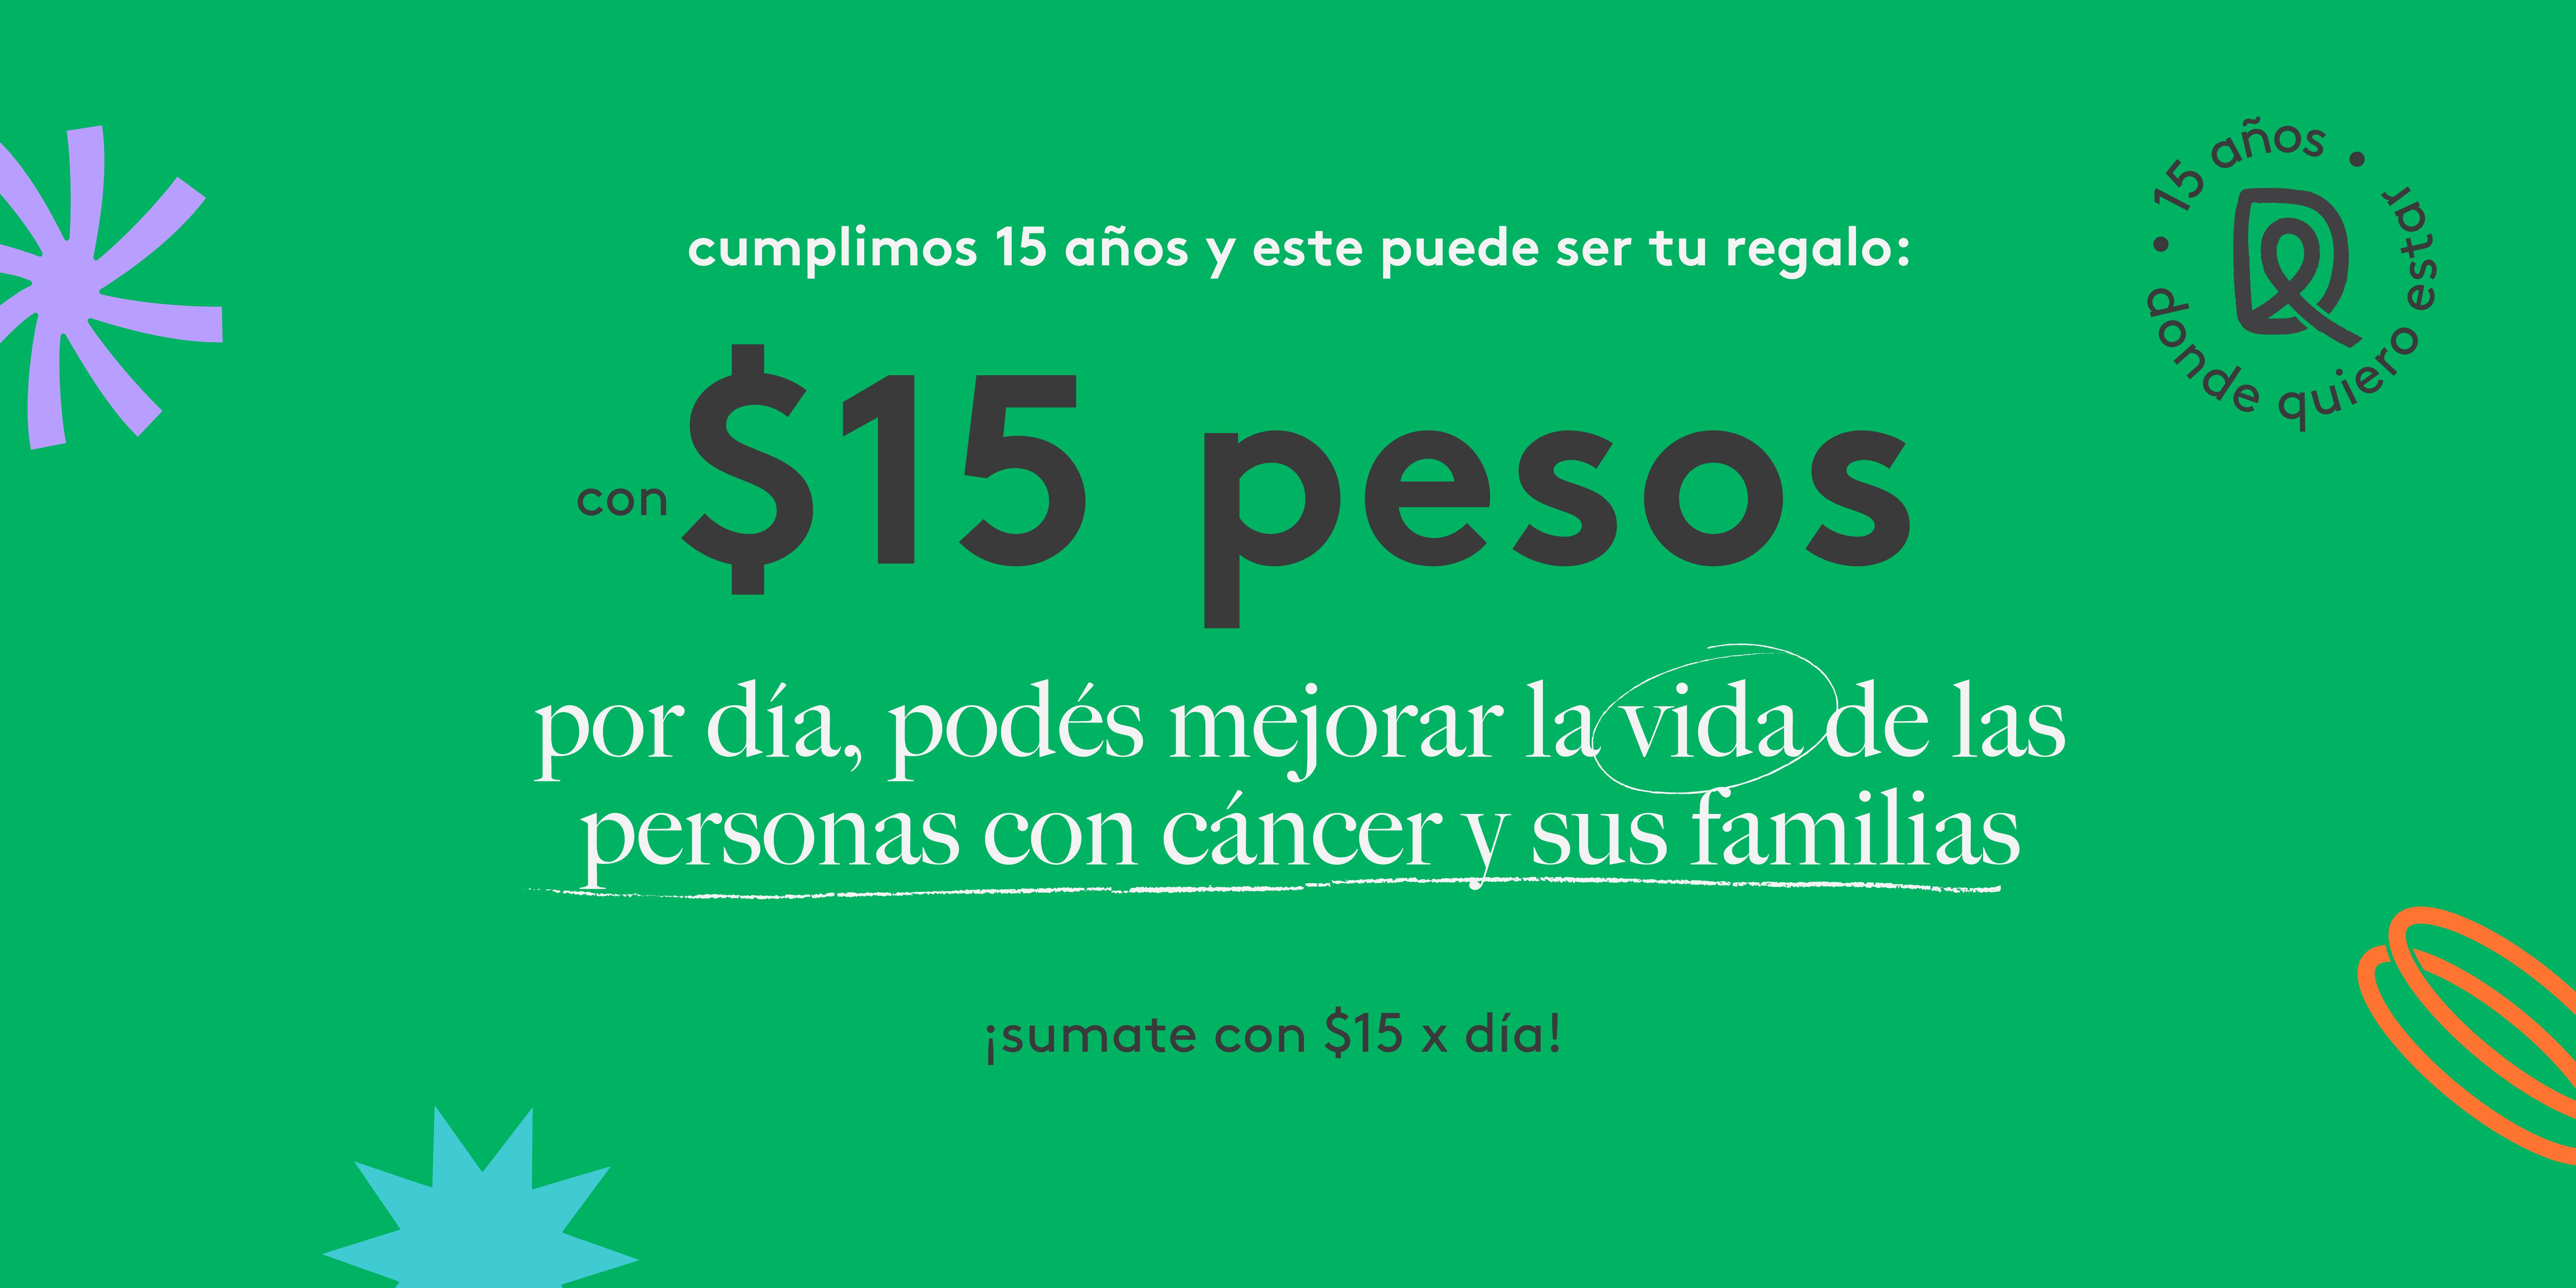 15 pesos por dia